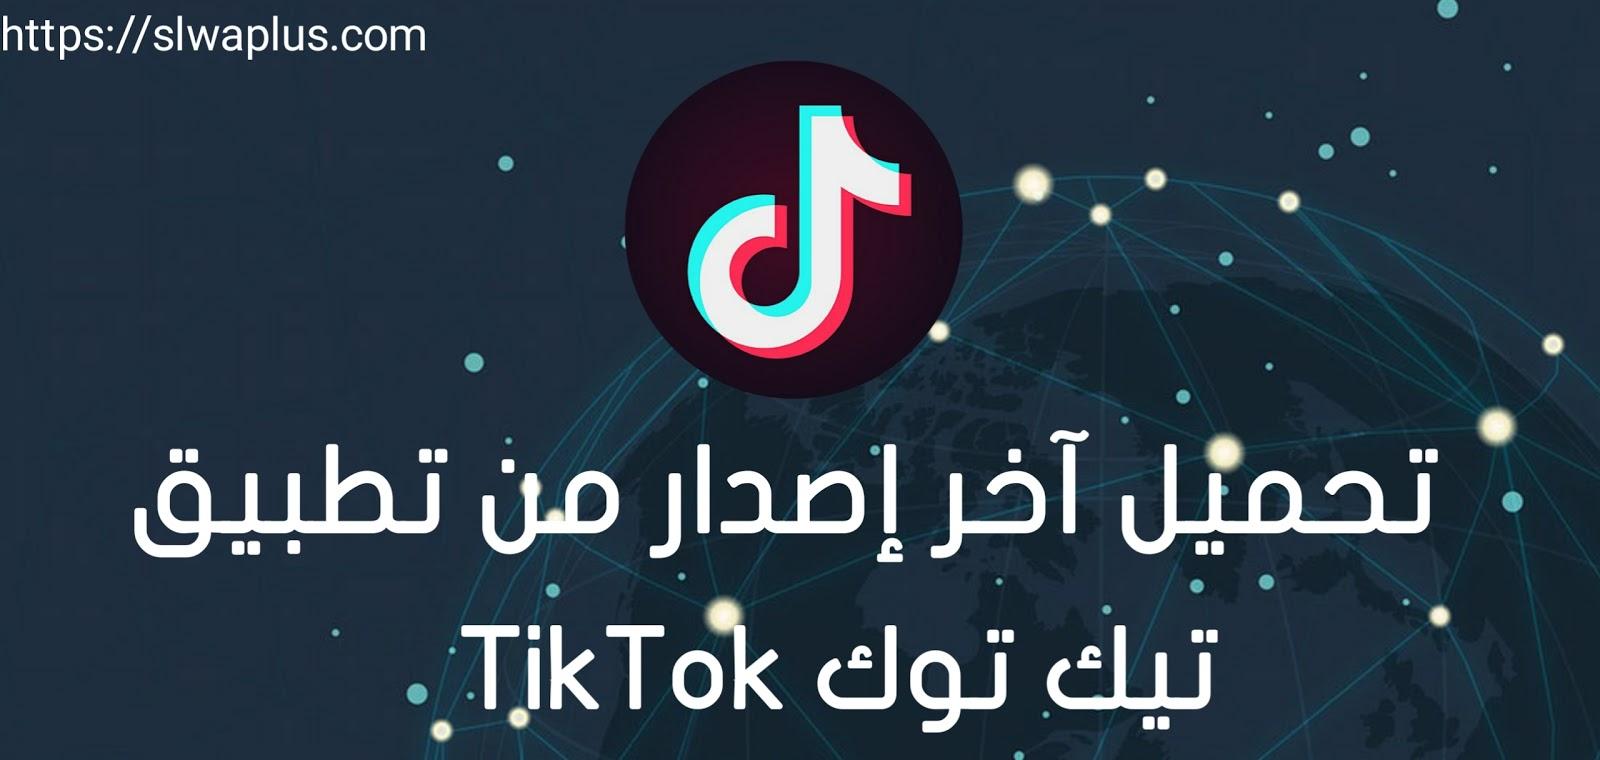 تحميل تطبيق تيك توك - TikTok الإصدار الأخير